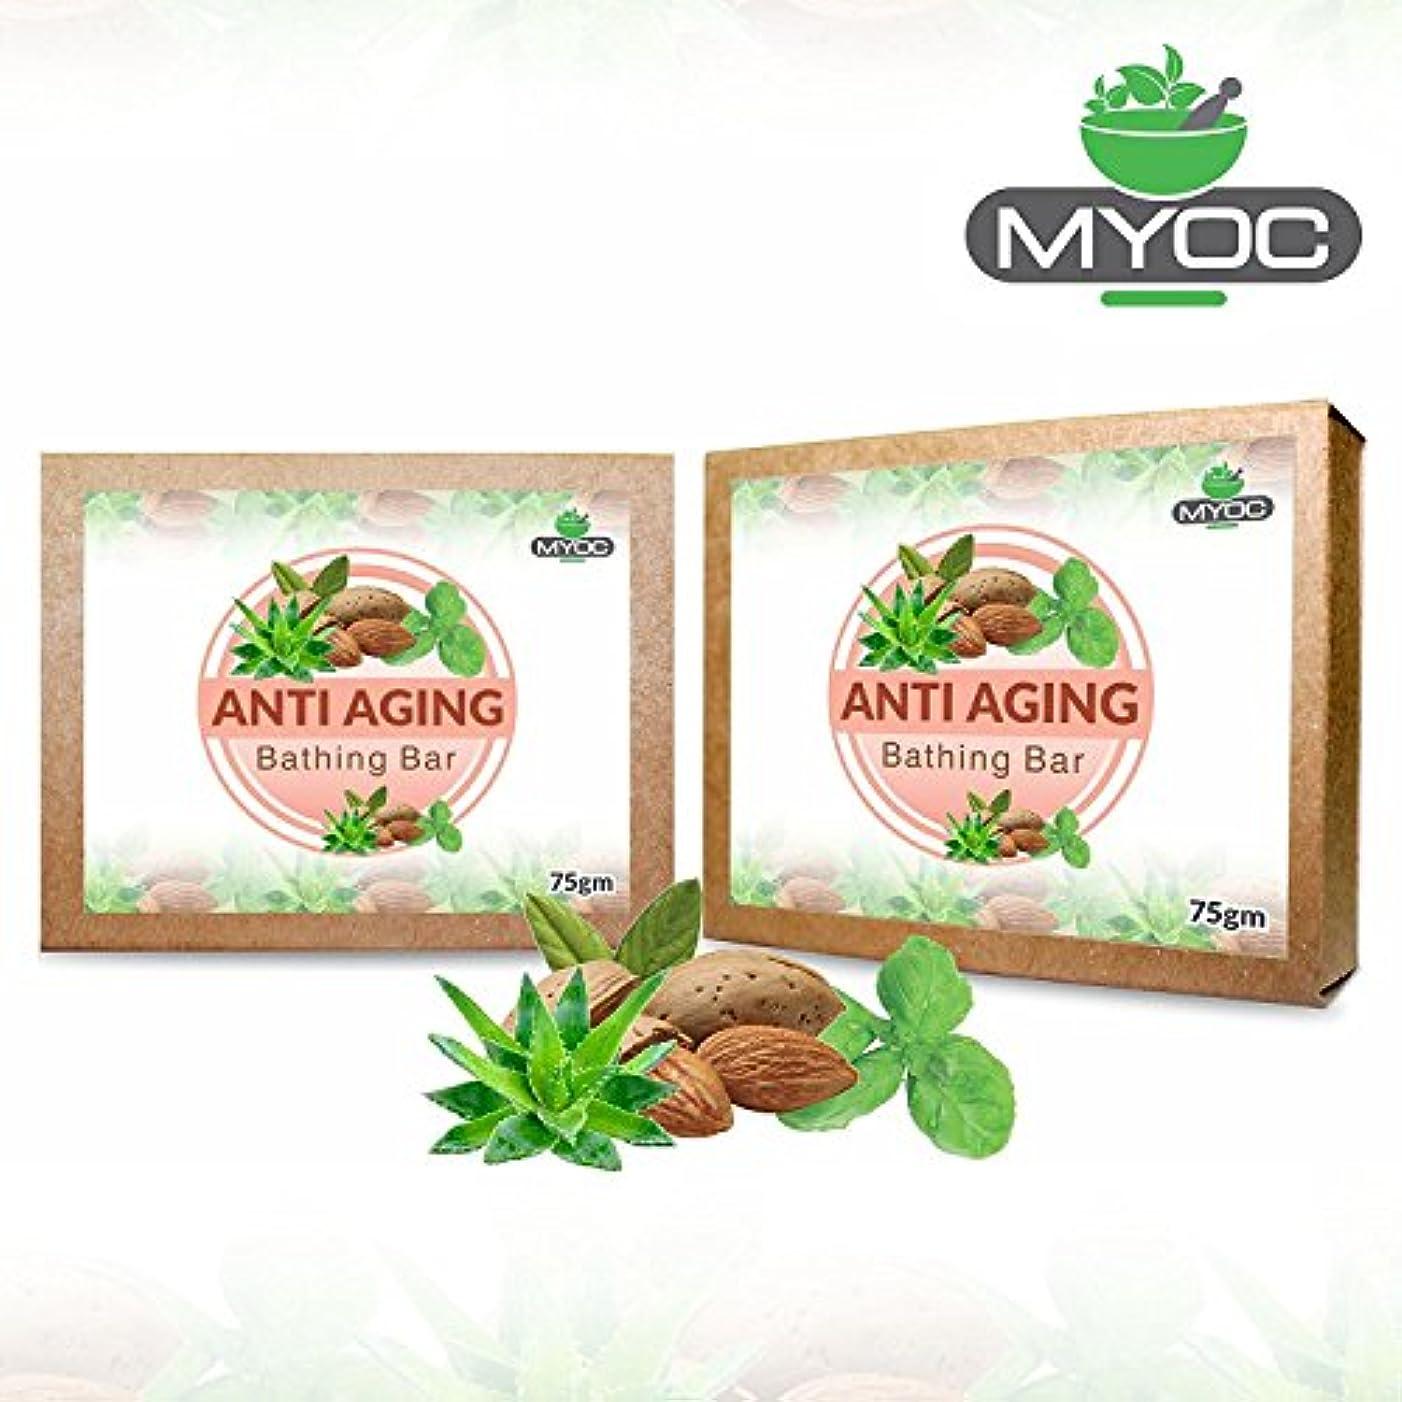 拮抗するみ過敏なAloe vera, Basil, Almond oil, Avocado oil, Eveneing Primrose, Vitamin E and Glycerine soap for glowing skin. Rejuvenates...